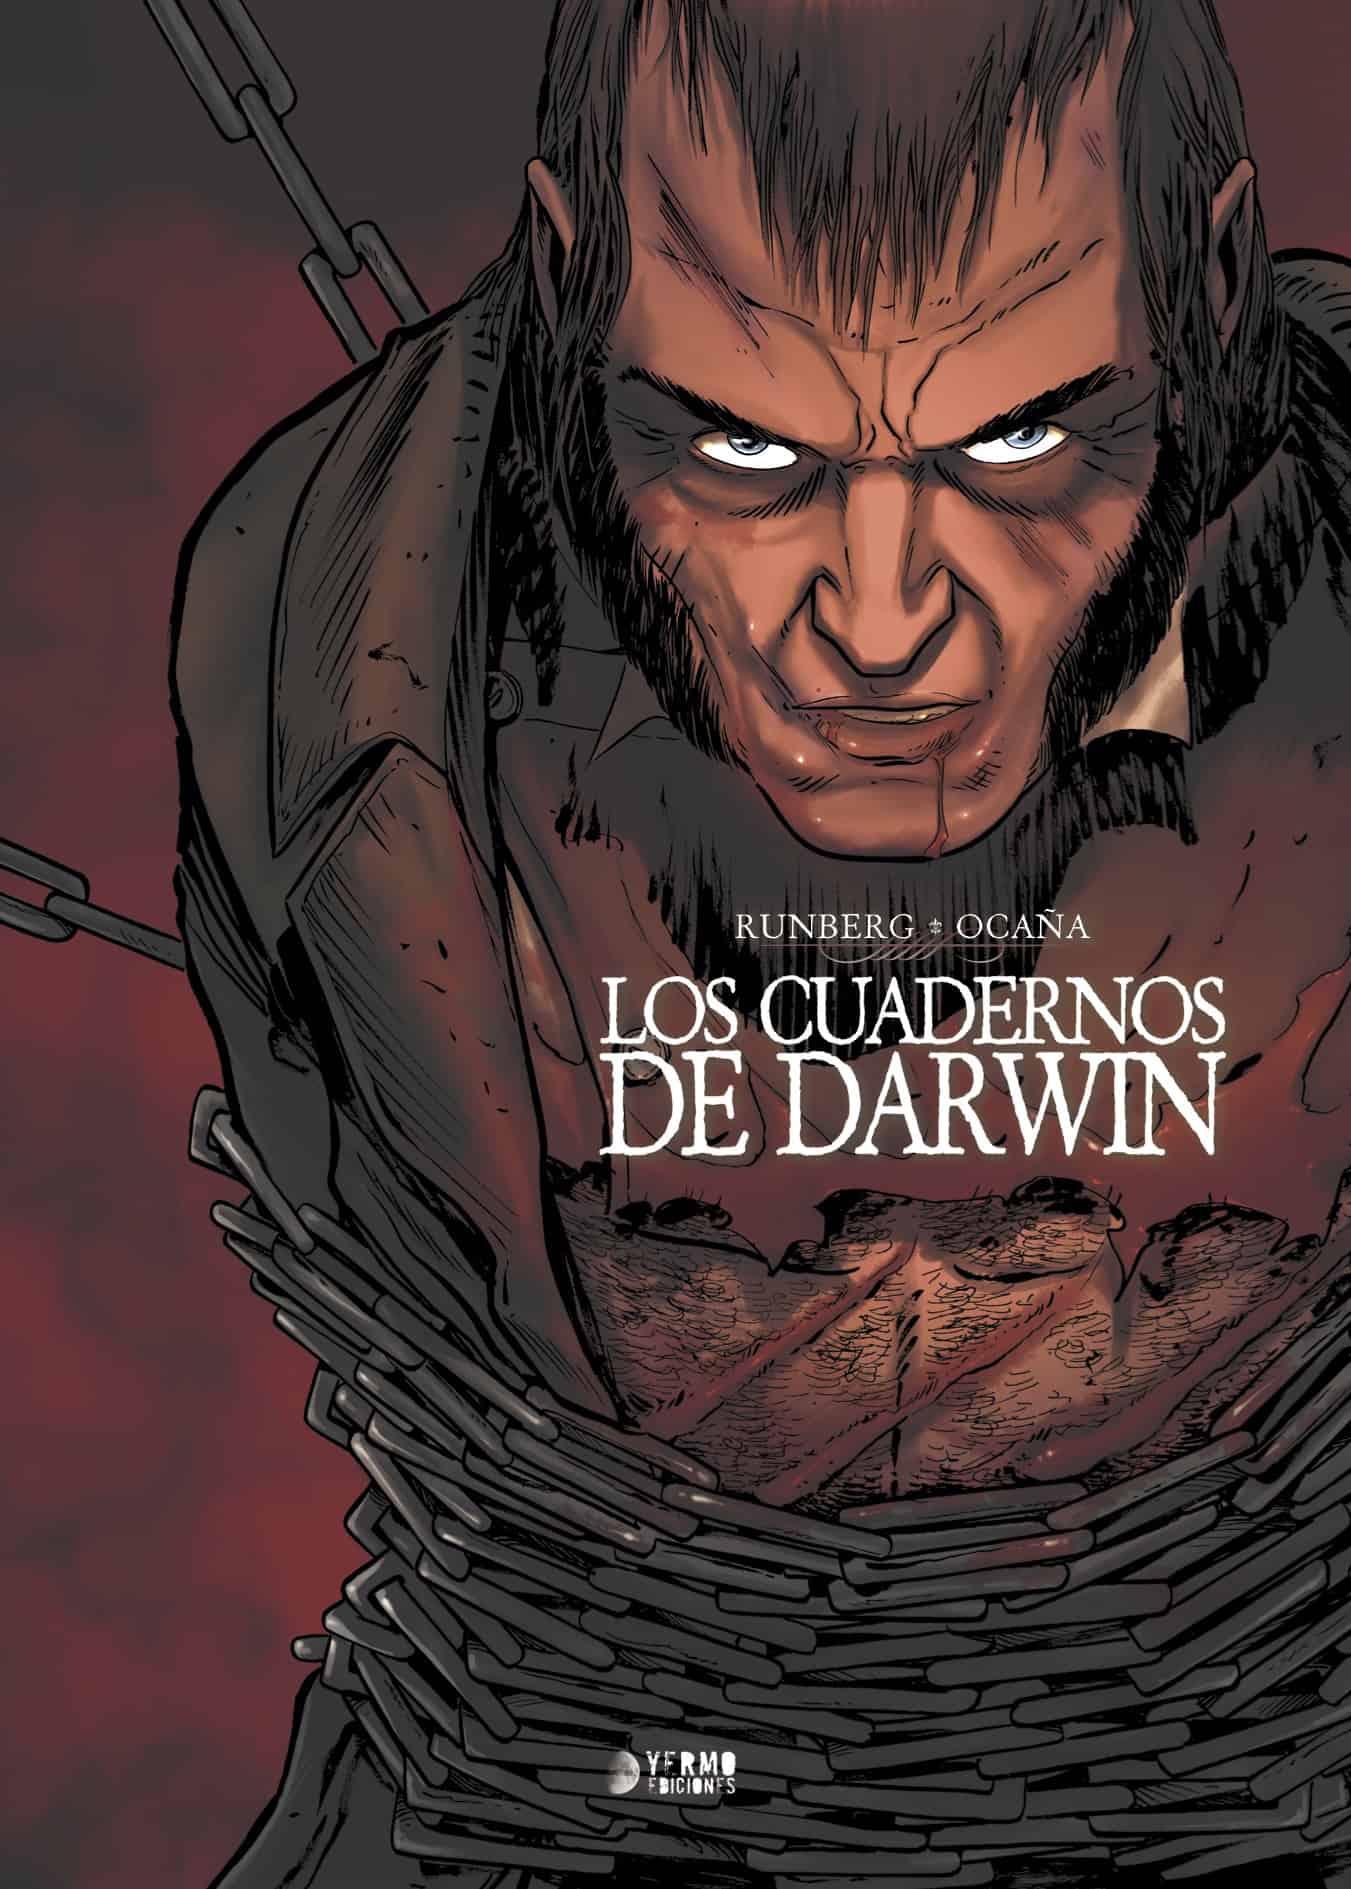 LOS CUADERNOS DE DARWIN. OBRA COMPLETA